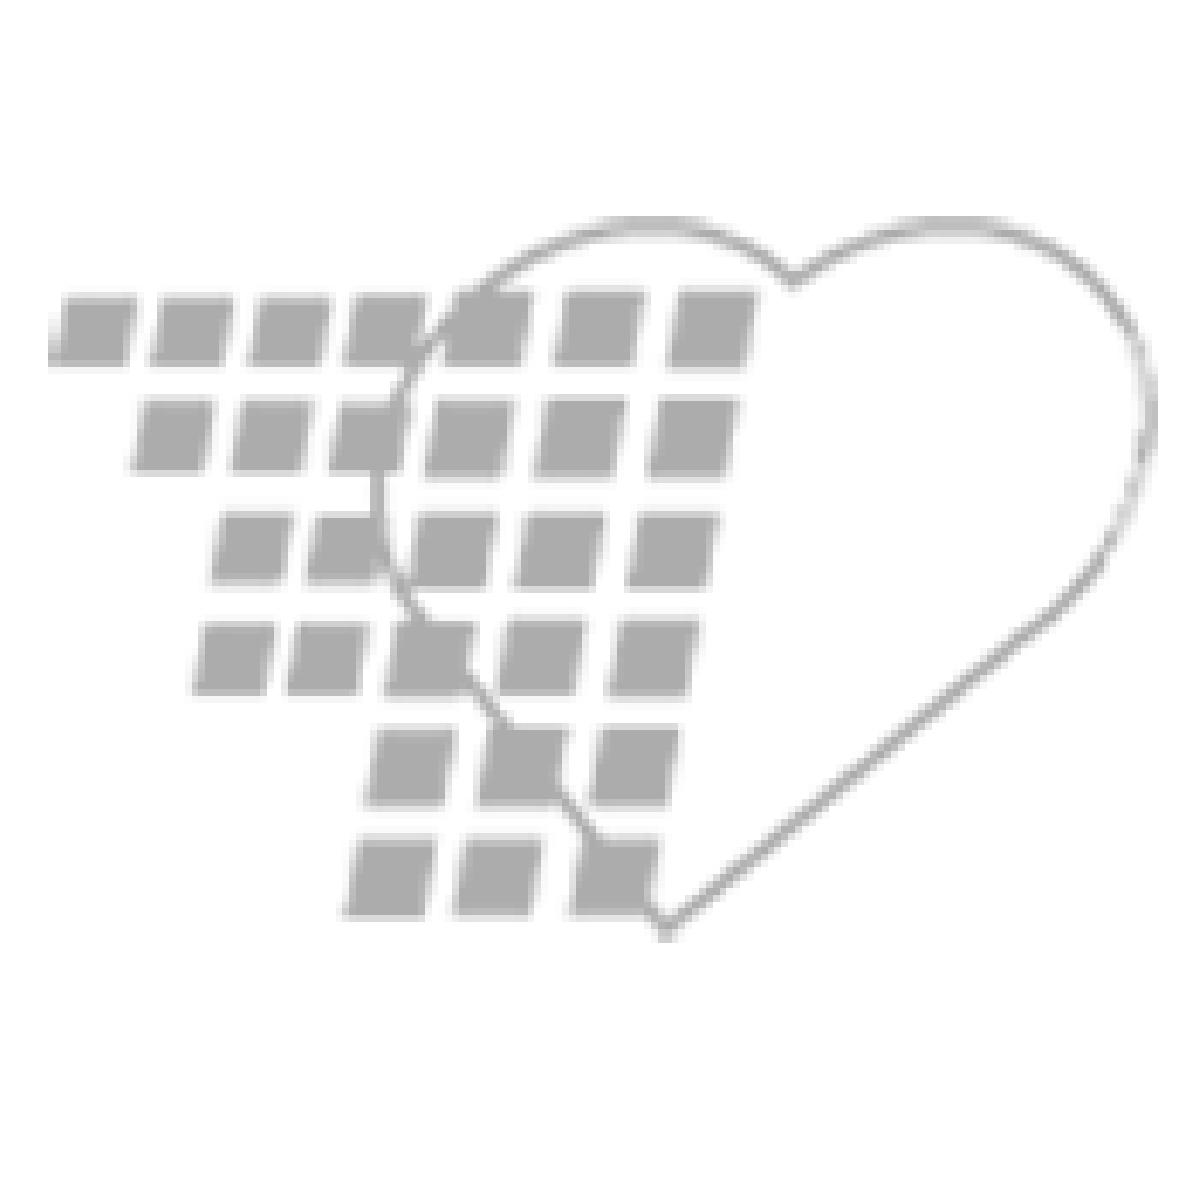 02-38-600 Lancet Device